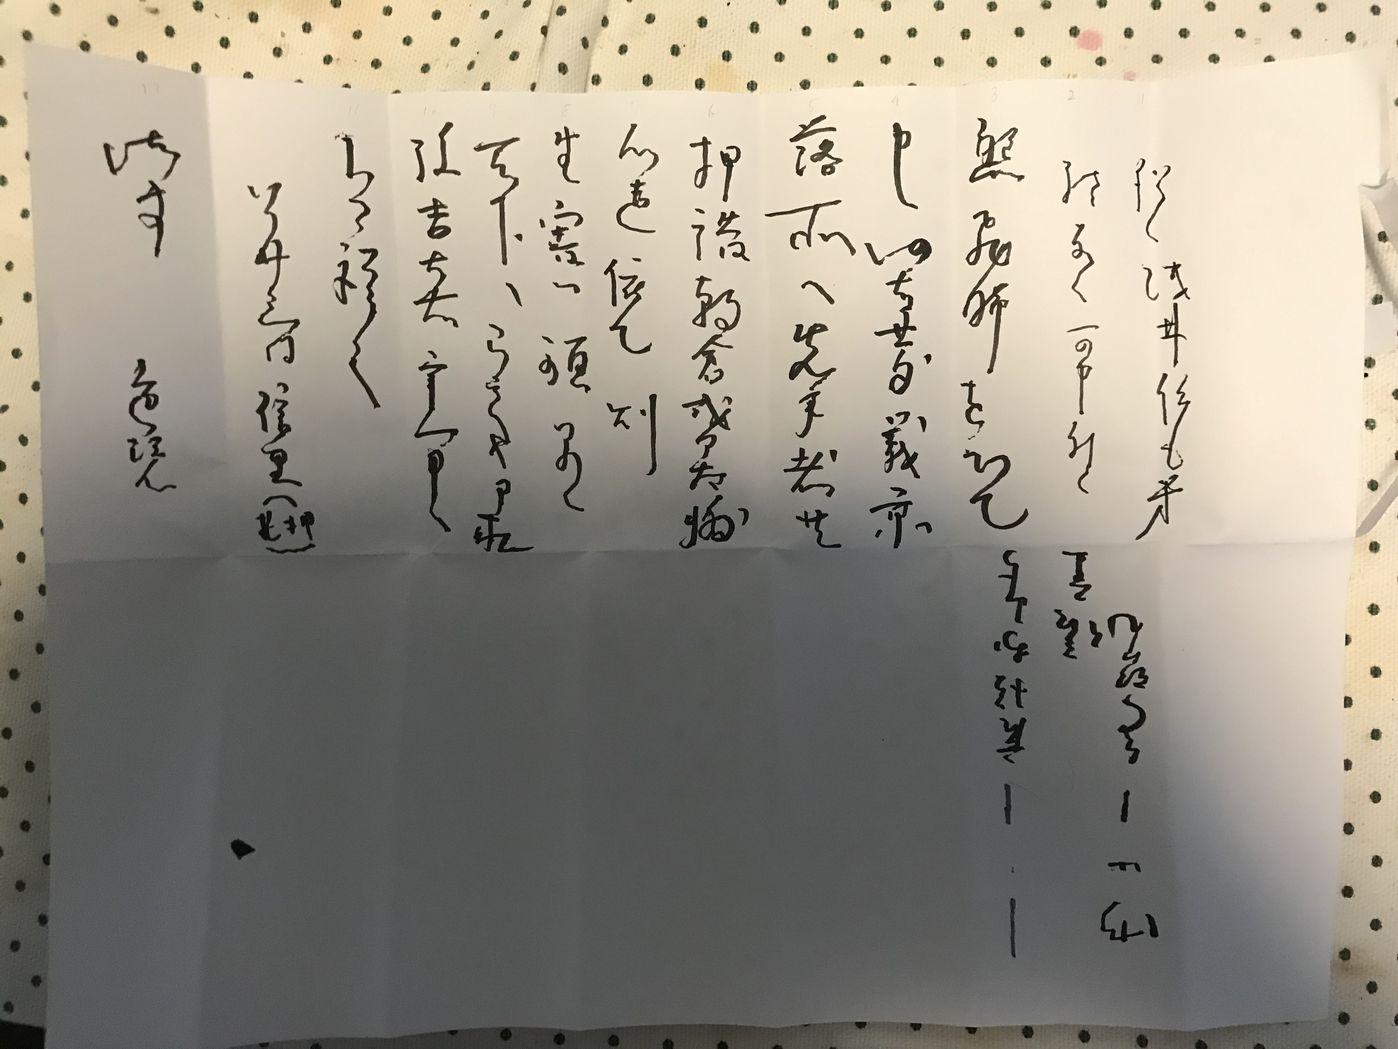 書状の封じ015(折り紙切封上書)